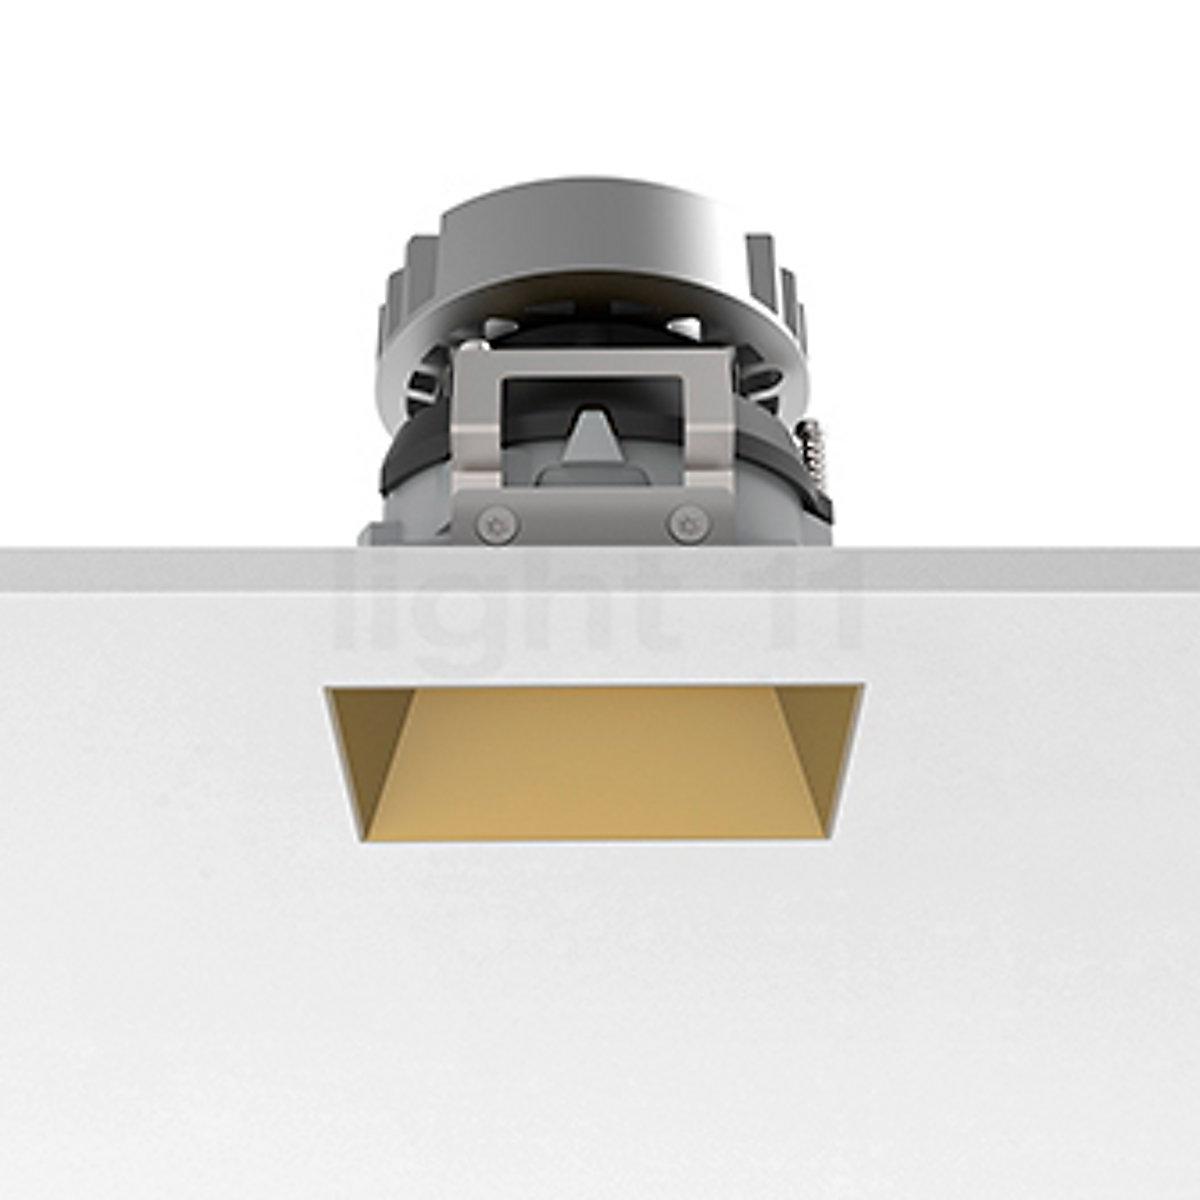 Flos Kap Square.Buy Flos Architectural Kap 80 Recessed Ceiling Light Square